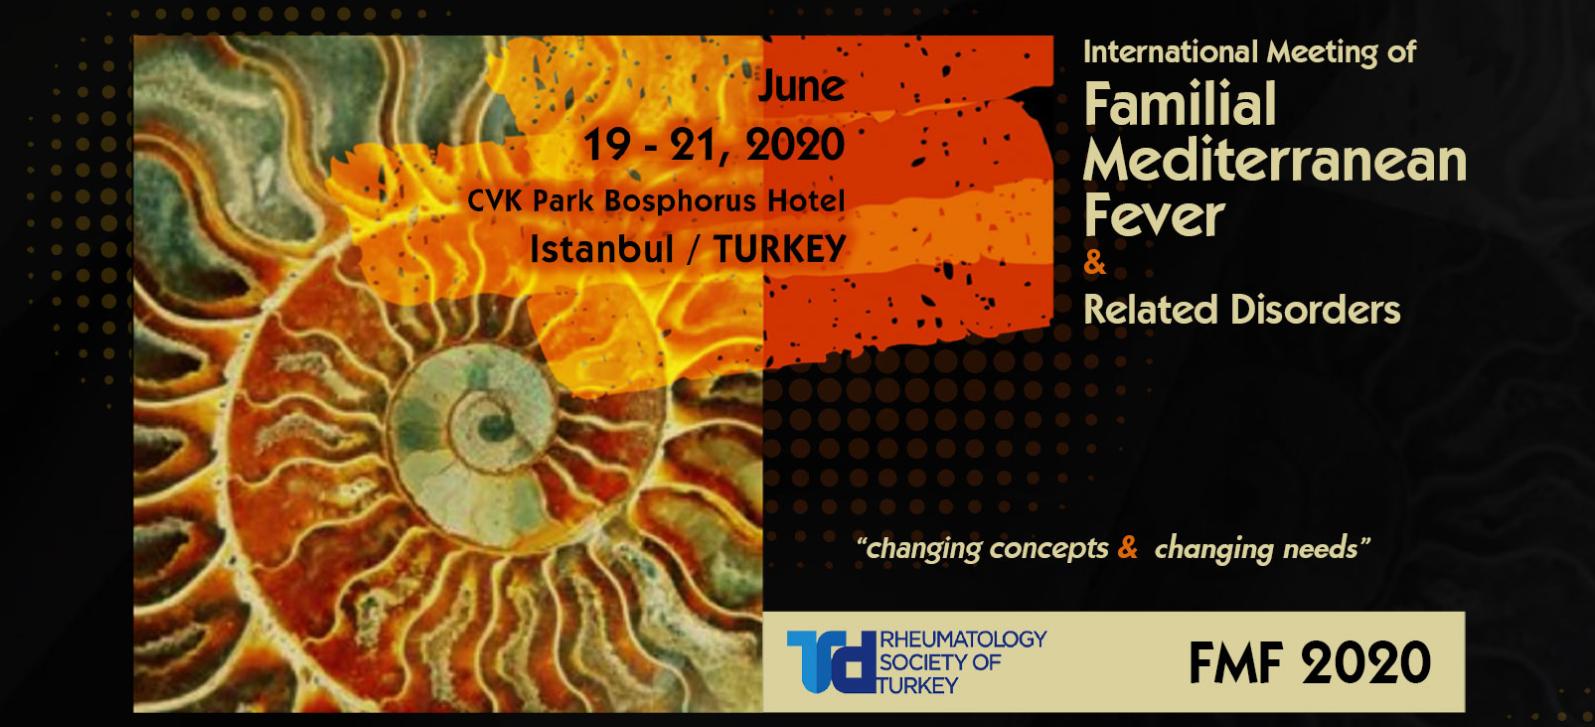 (ERTELENDİ) Uluslararası Ailevi Akdeniz Ateşi & Diğer Otoinflamatuar Hastalıklar Toplantısı